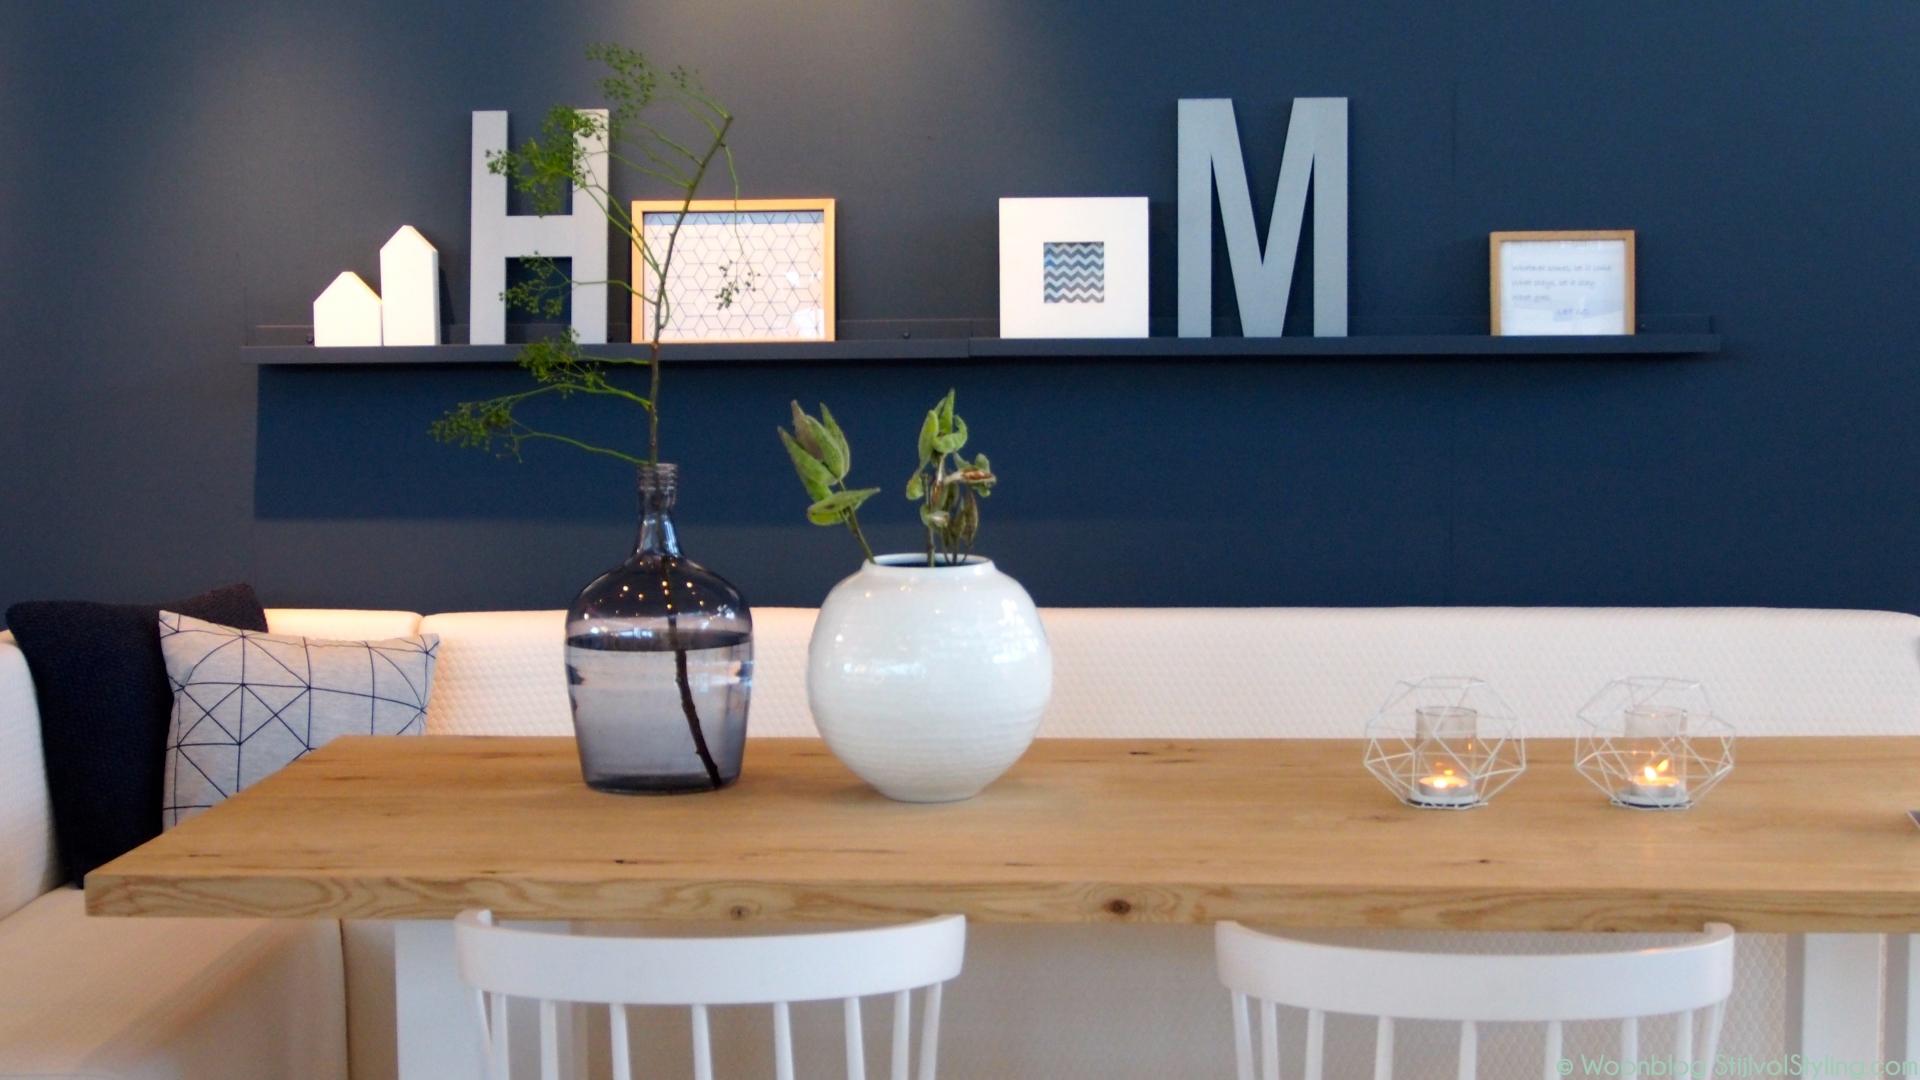 Woontrends 2016 interieur kleur inspiratie met blauw stijlvol styling woonblog - Kleur trend salon ...